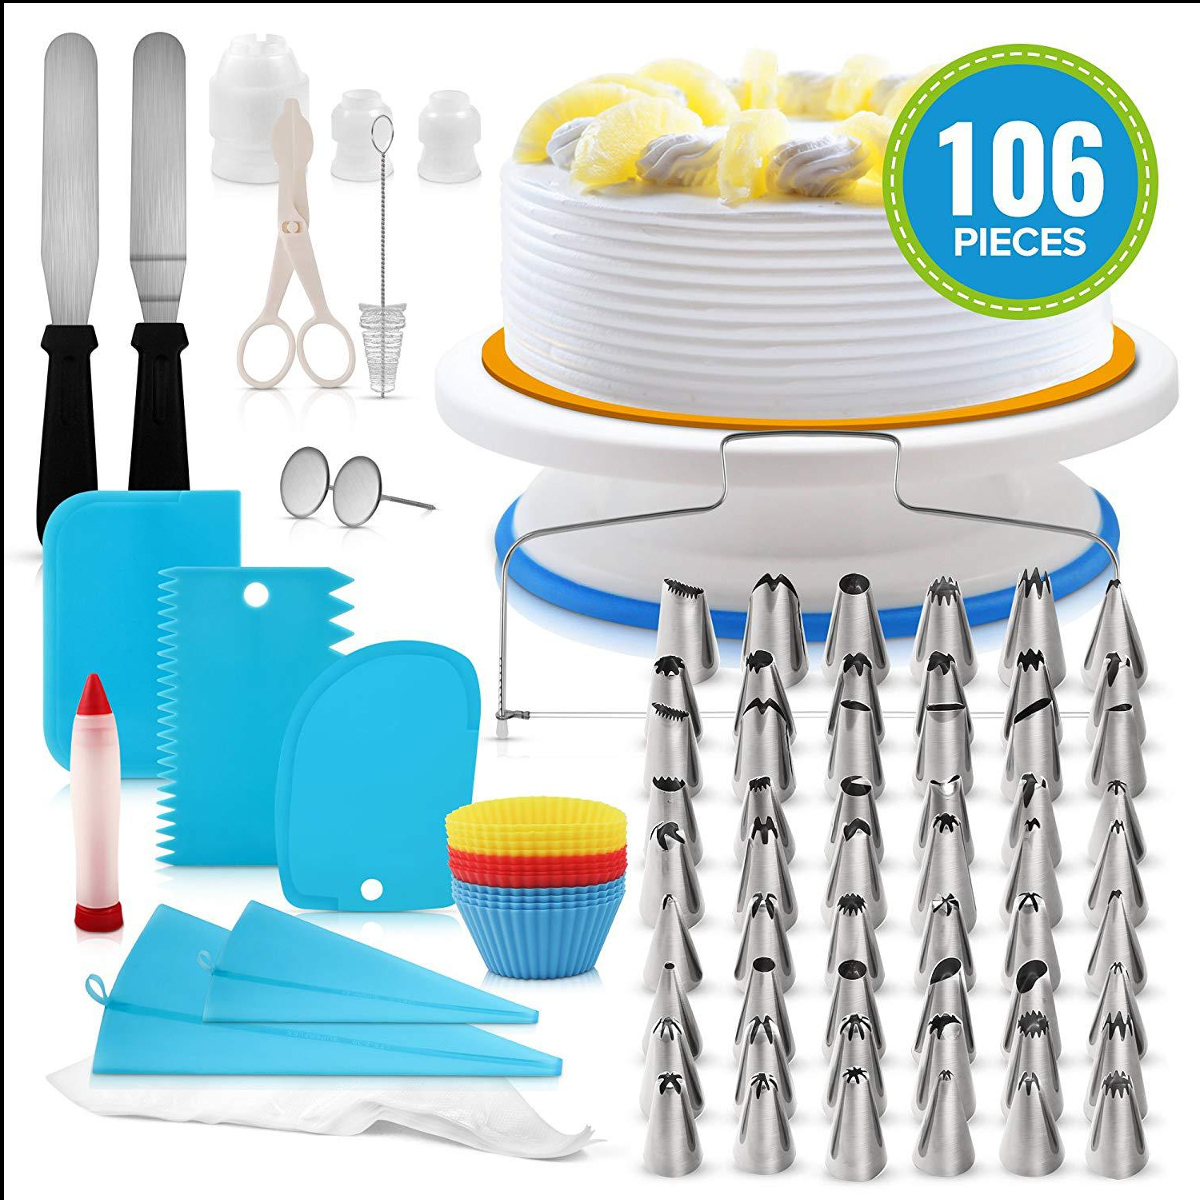 106pcs Cake Turntable Cake Decorating Kit Rotating Cake Stand DIY Baking Tools Kitchen Dessert Baking Supplies Display Stand Set